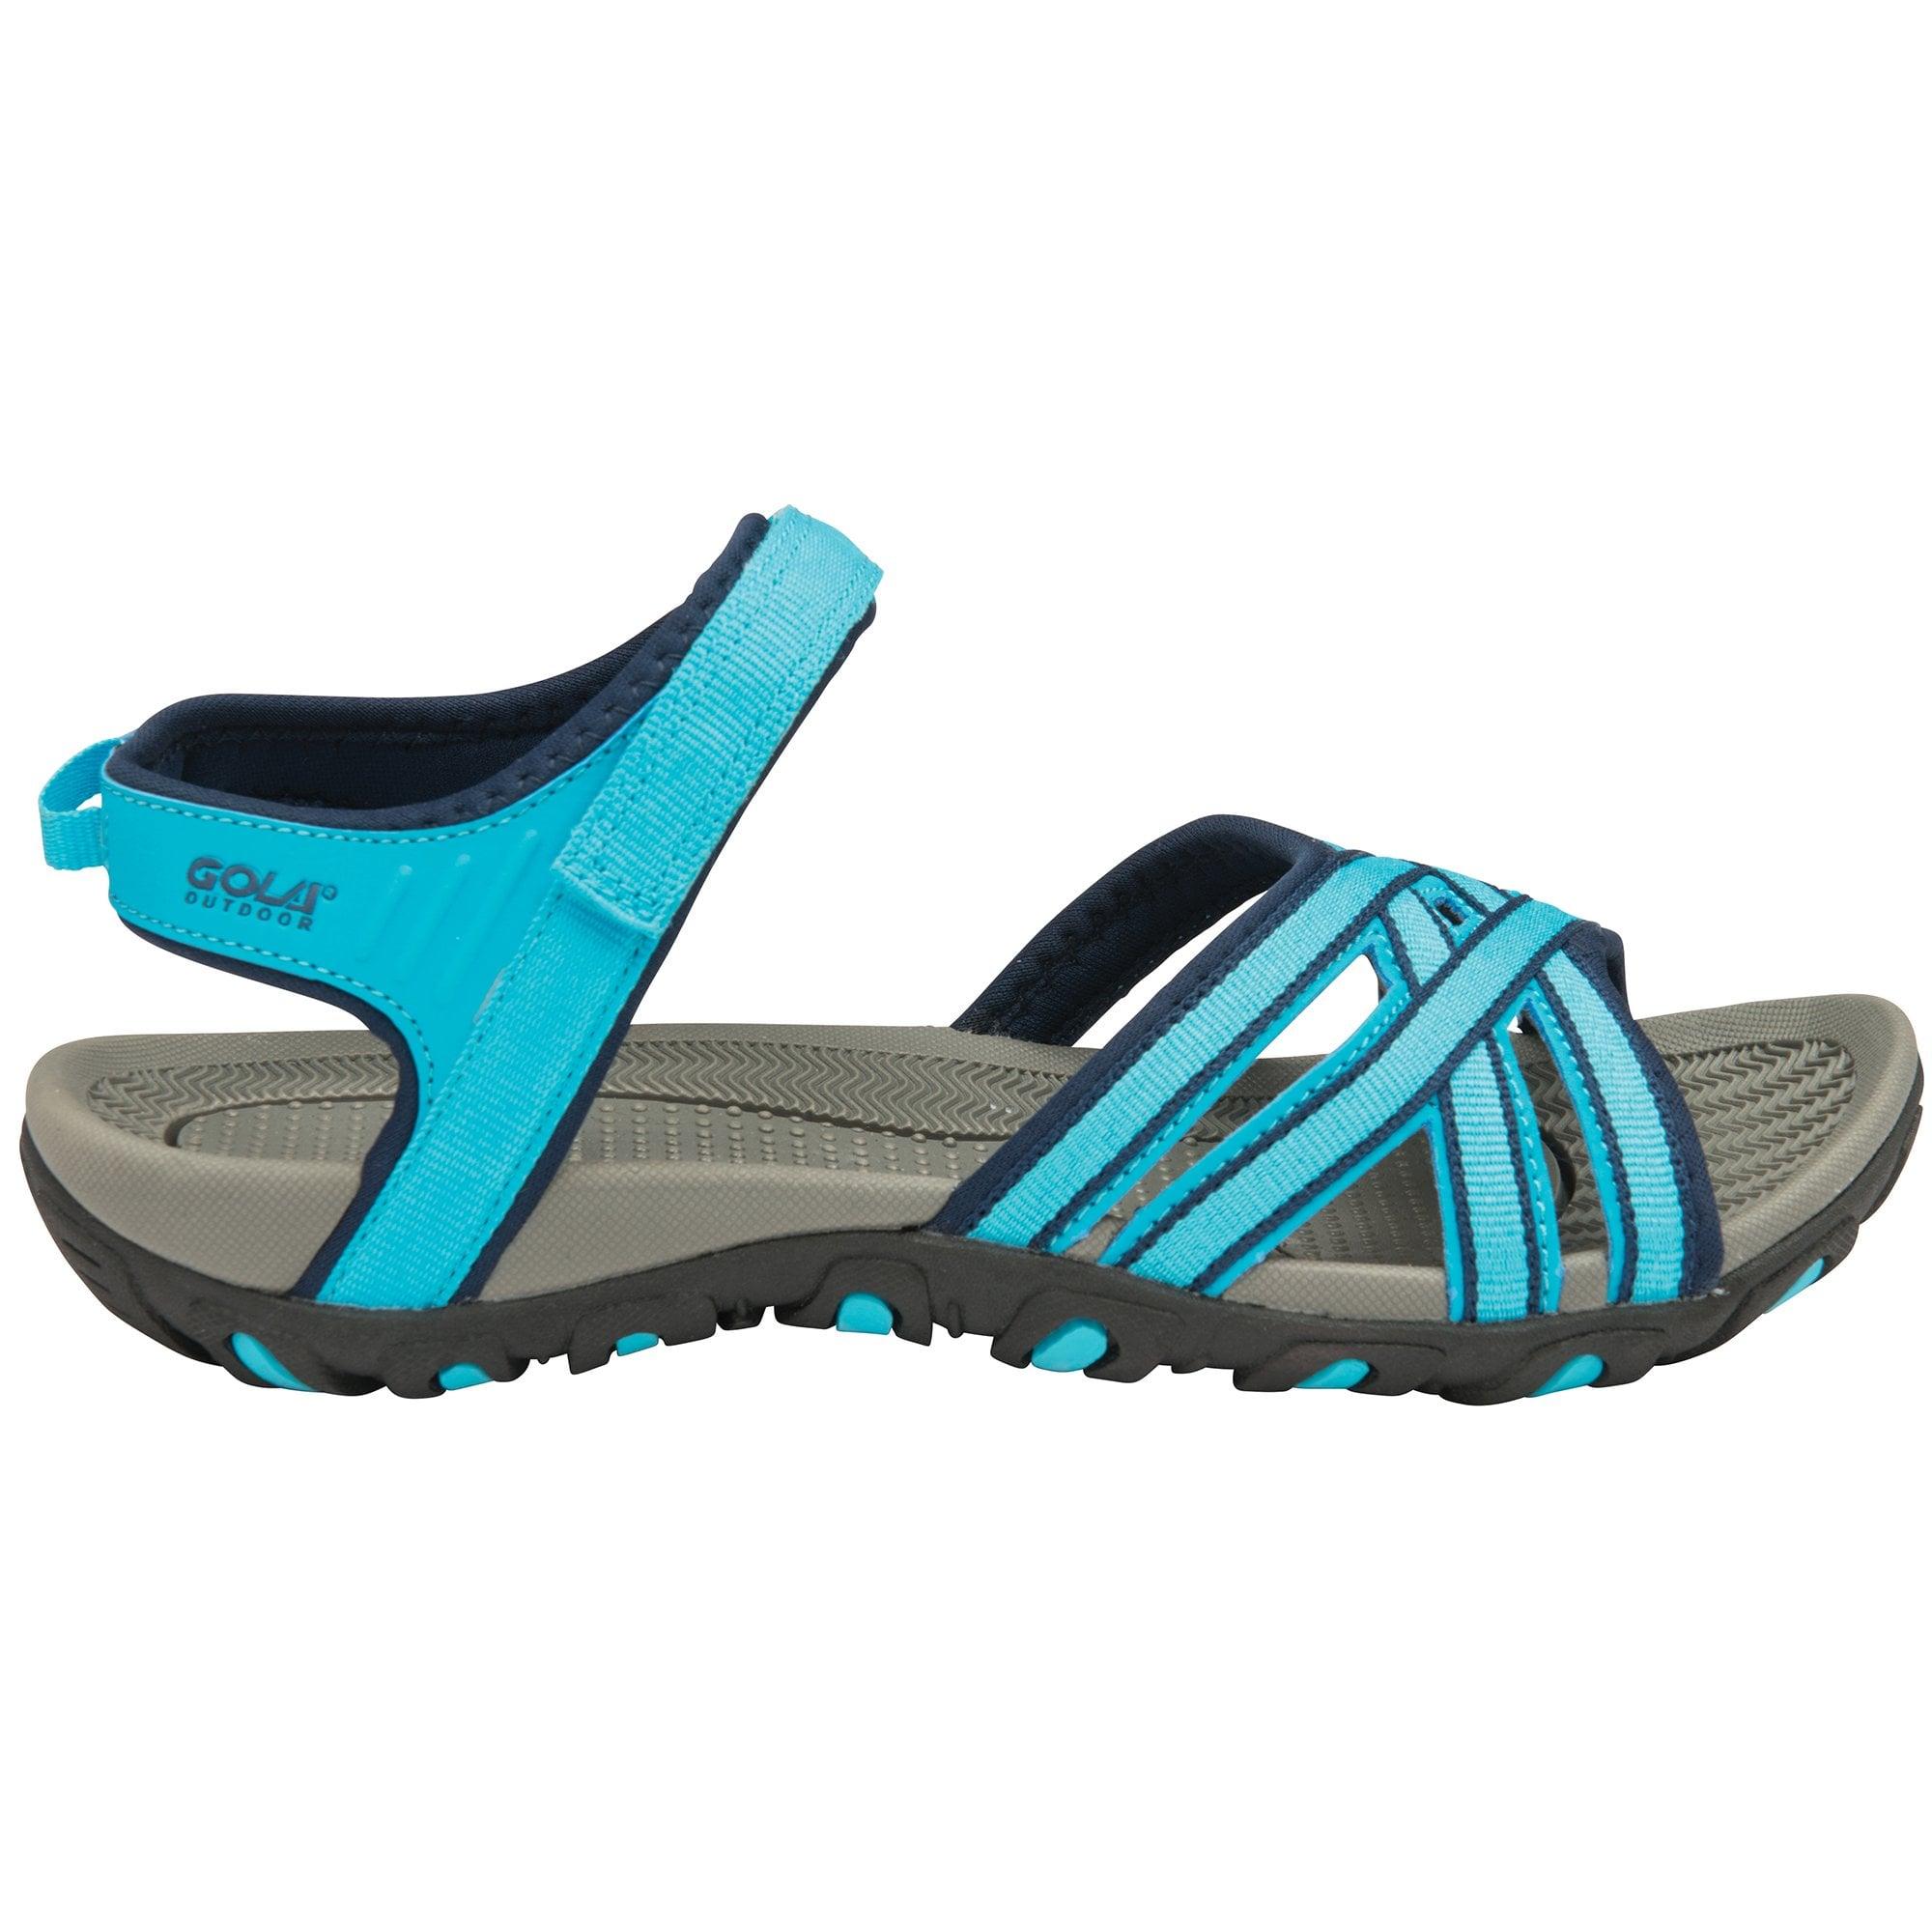 Buy Gola Outdoor Women's Safed Sandals